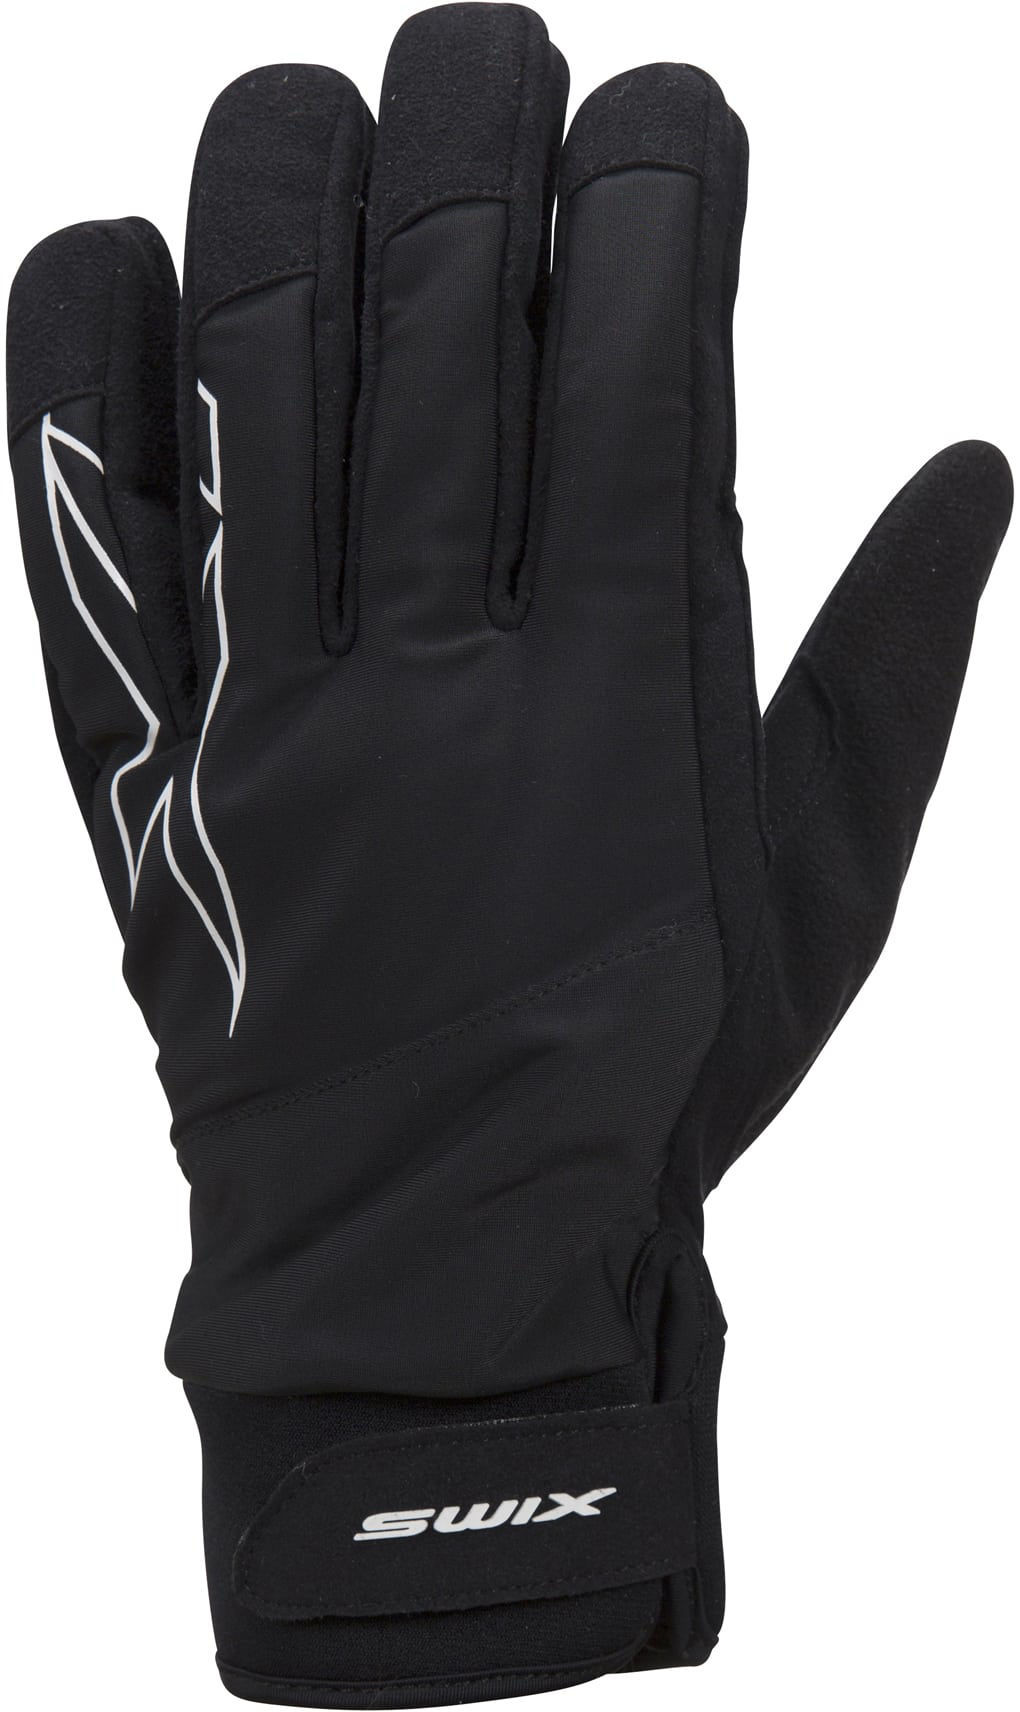 Bilde av Scorpius Glove Mens